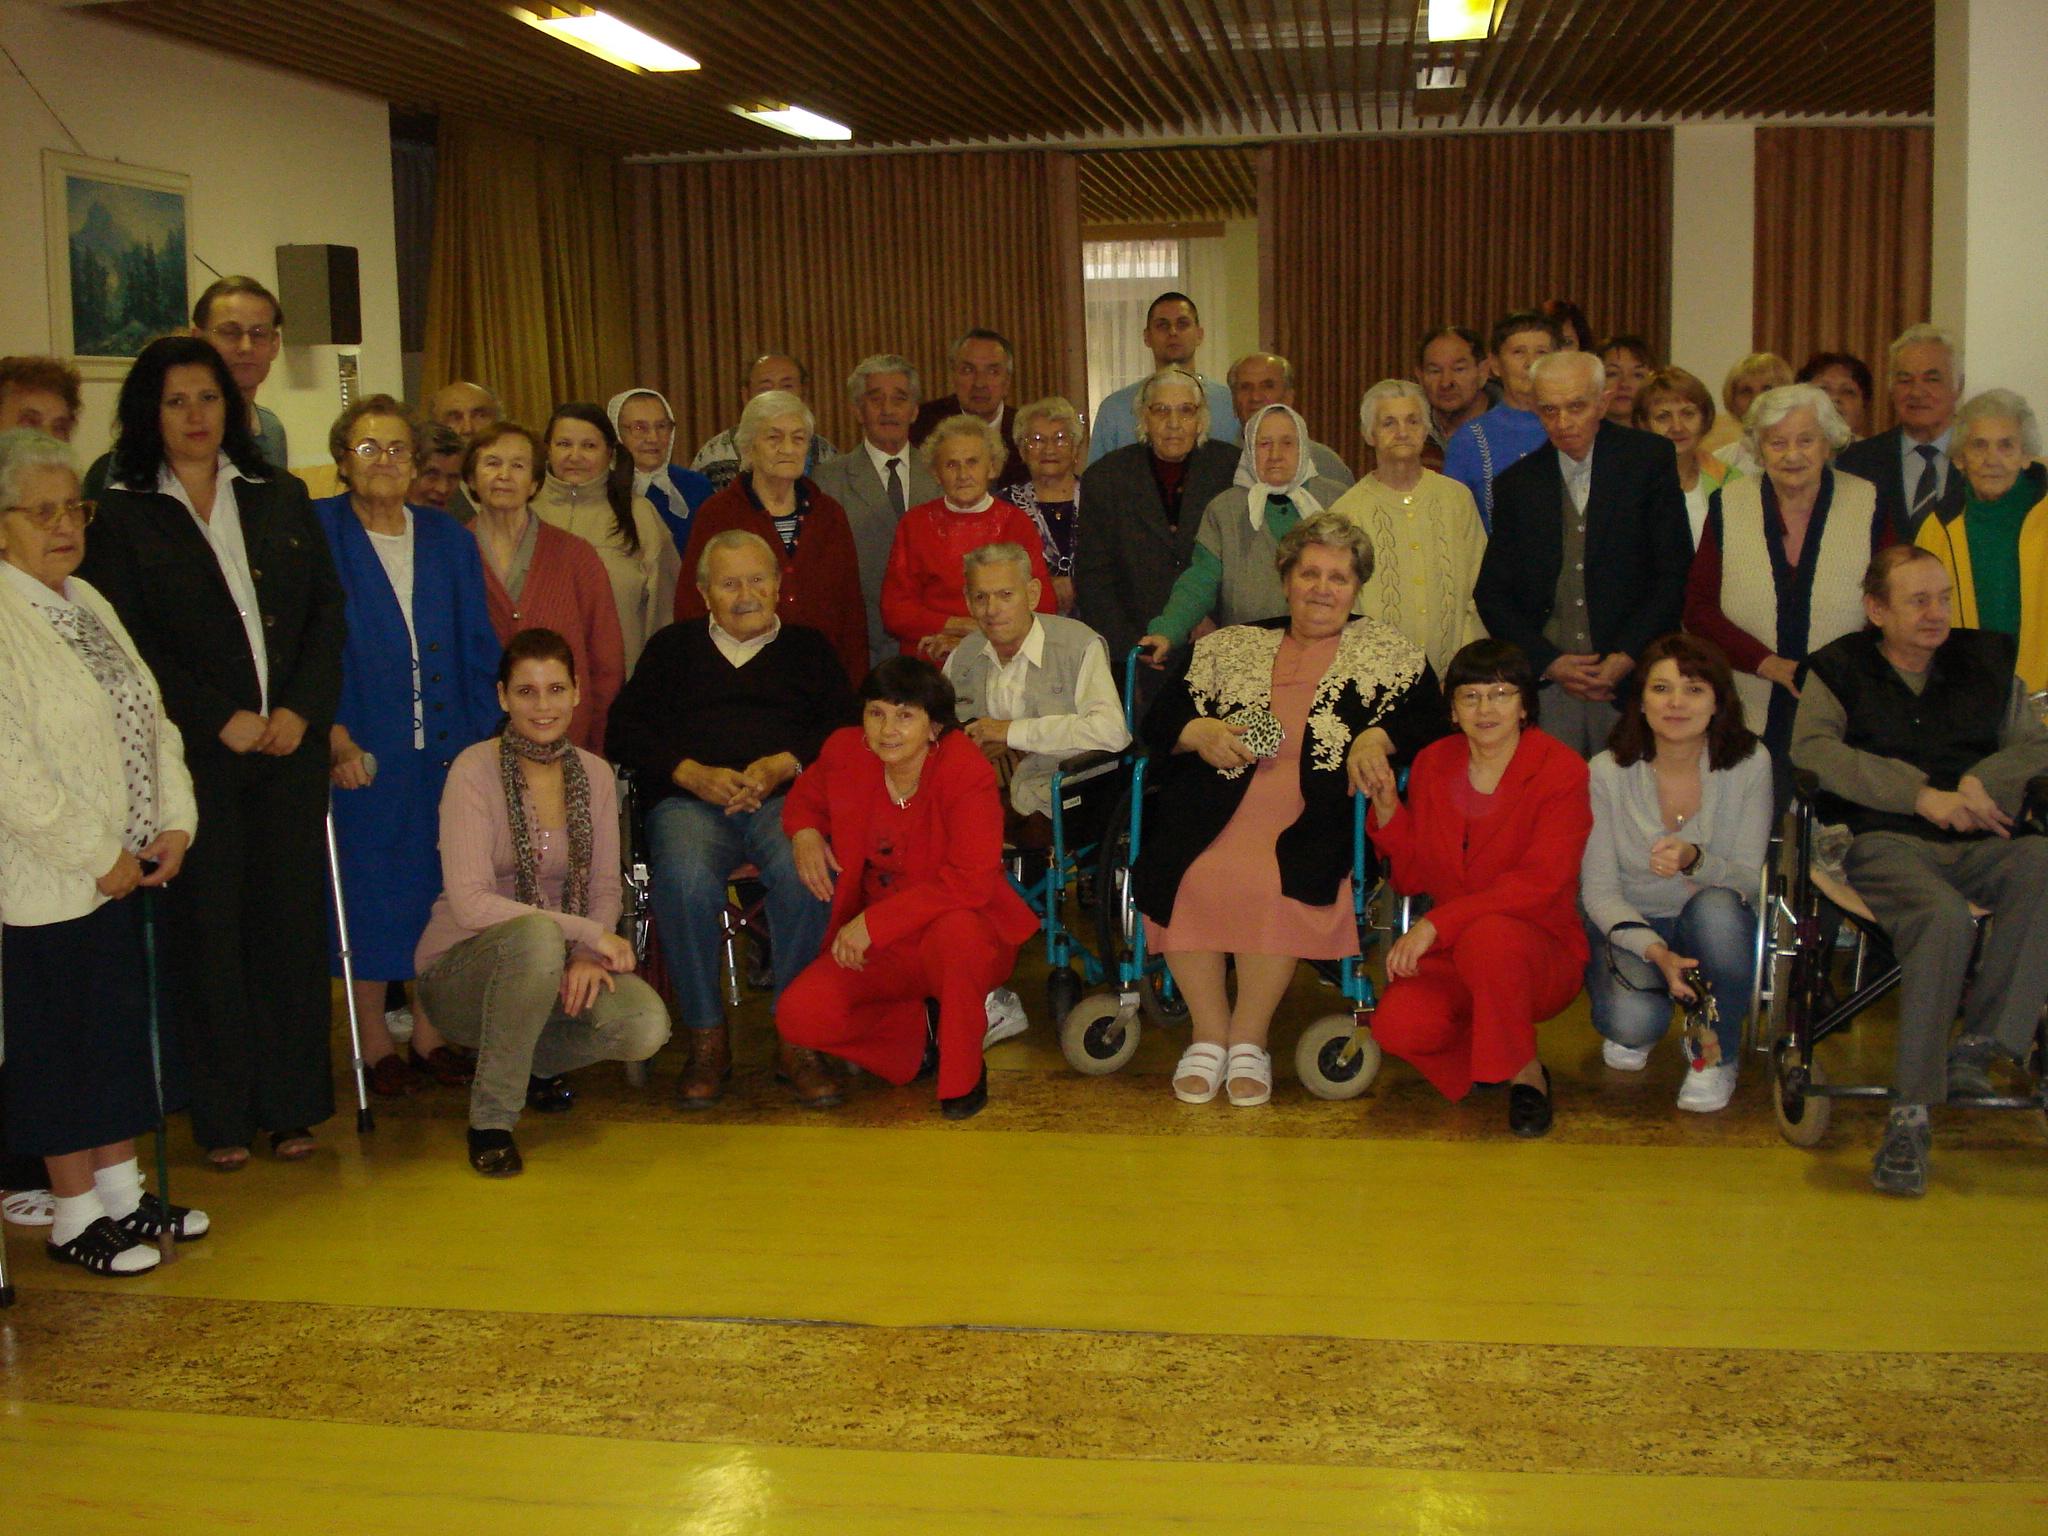 Spoločná fotografia klientov a personálu 2010